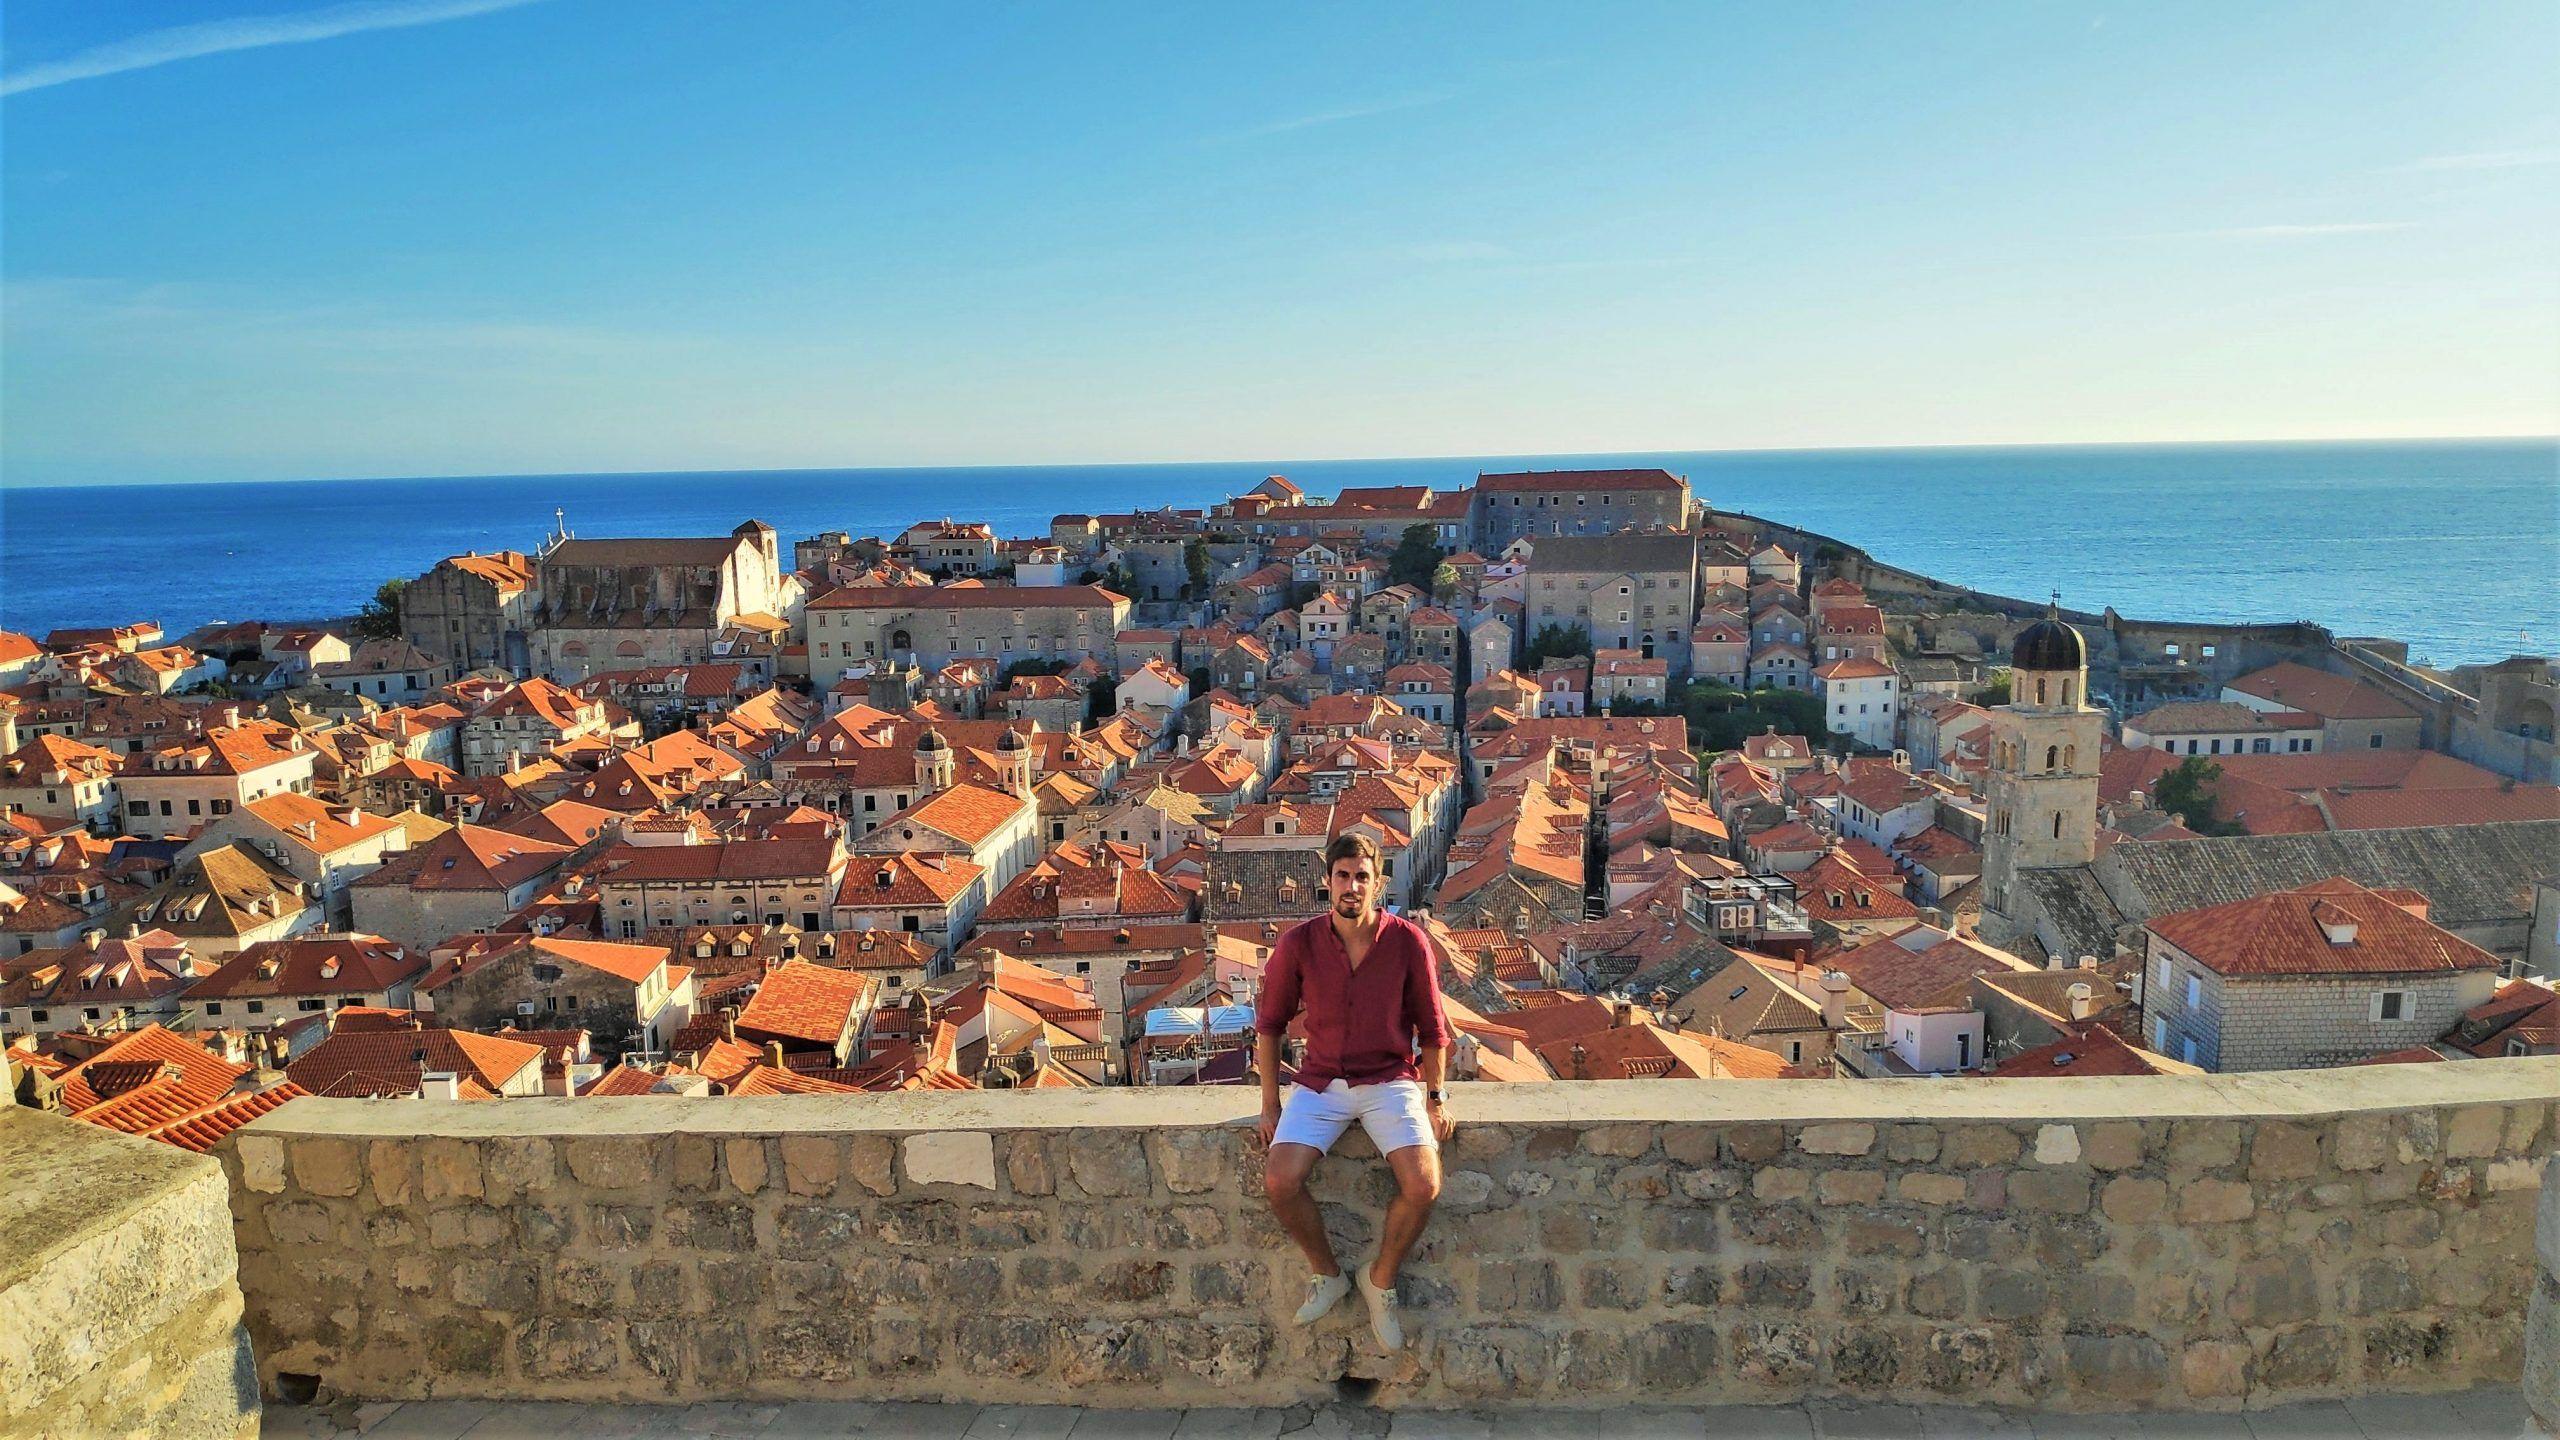 Chico sentado en un muro con la ciudad de Dubrovnik a su espalda